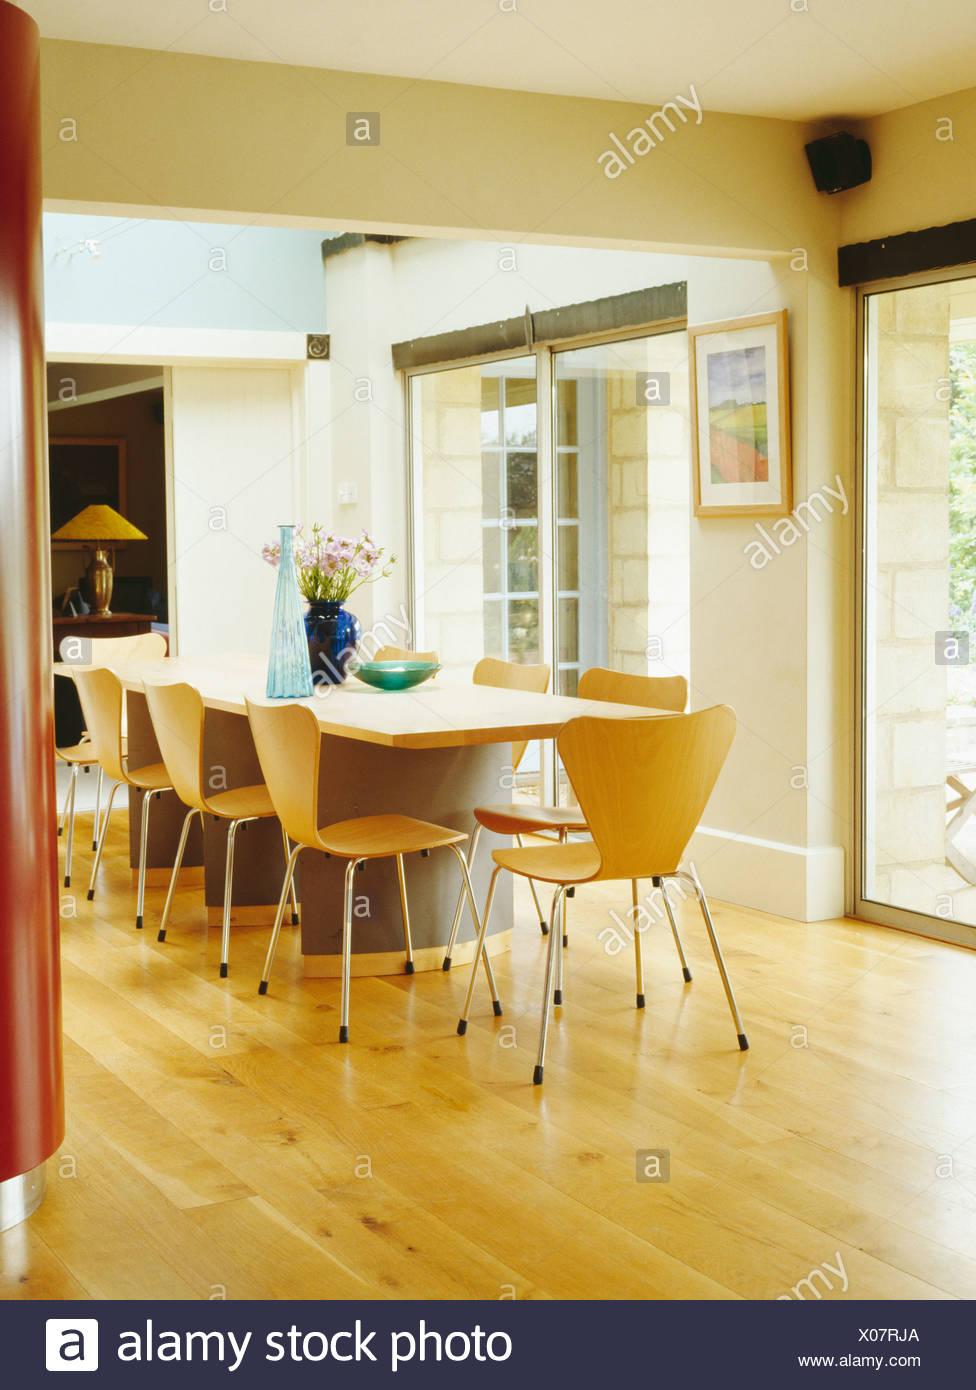 Arne Jacobsen Stil Stuhle Und Holztisch Im Hellen Modernen Esszimmer Mit Holz Laminat Stockfotografie Alamy